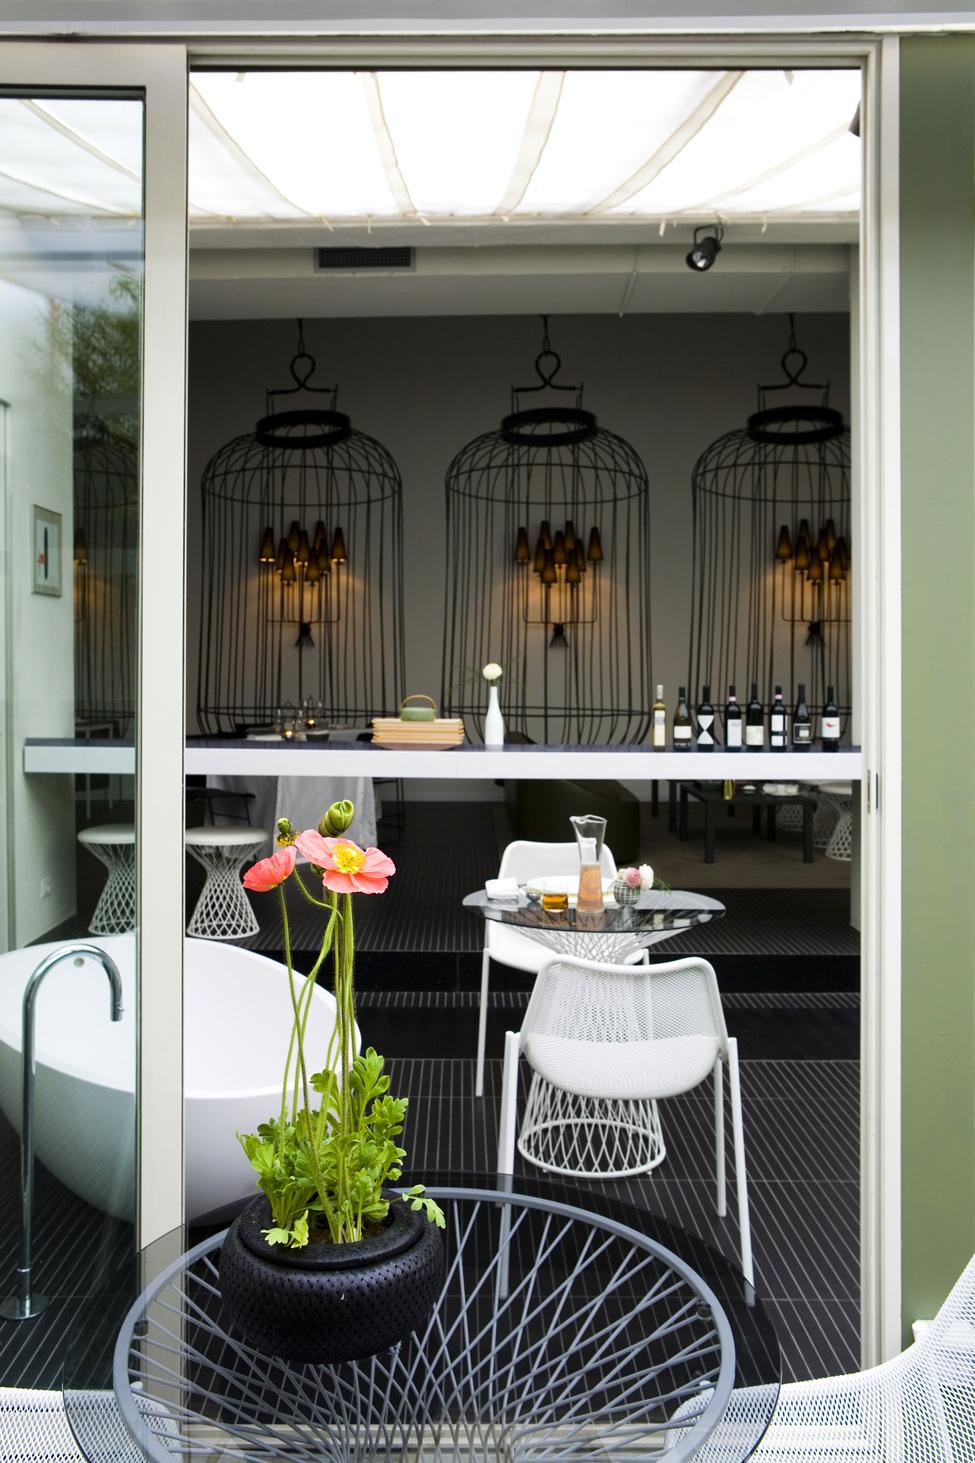 Home_Delicate_Restaurant_9.jpg